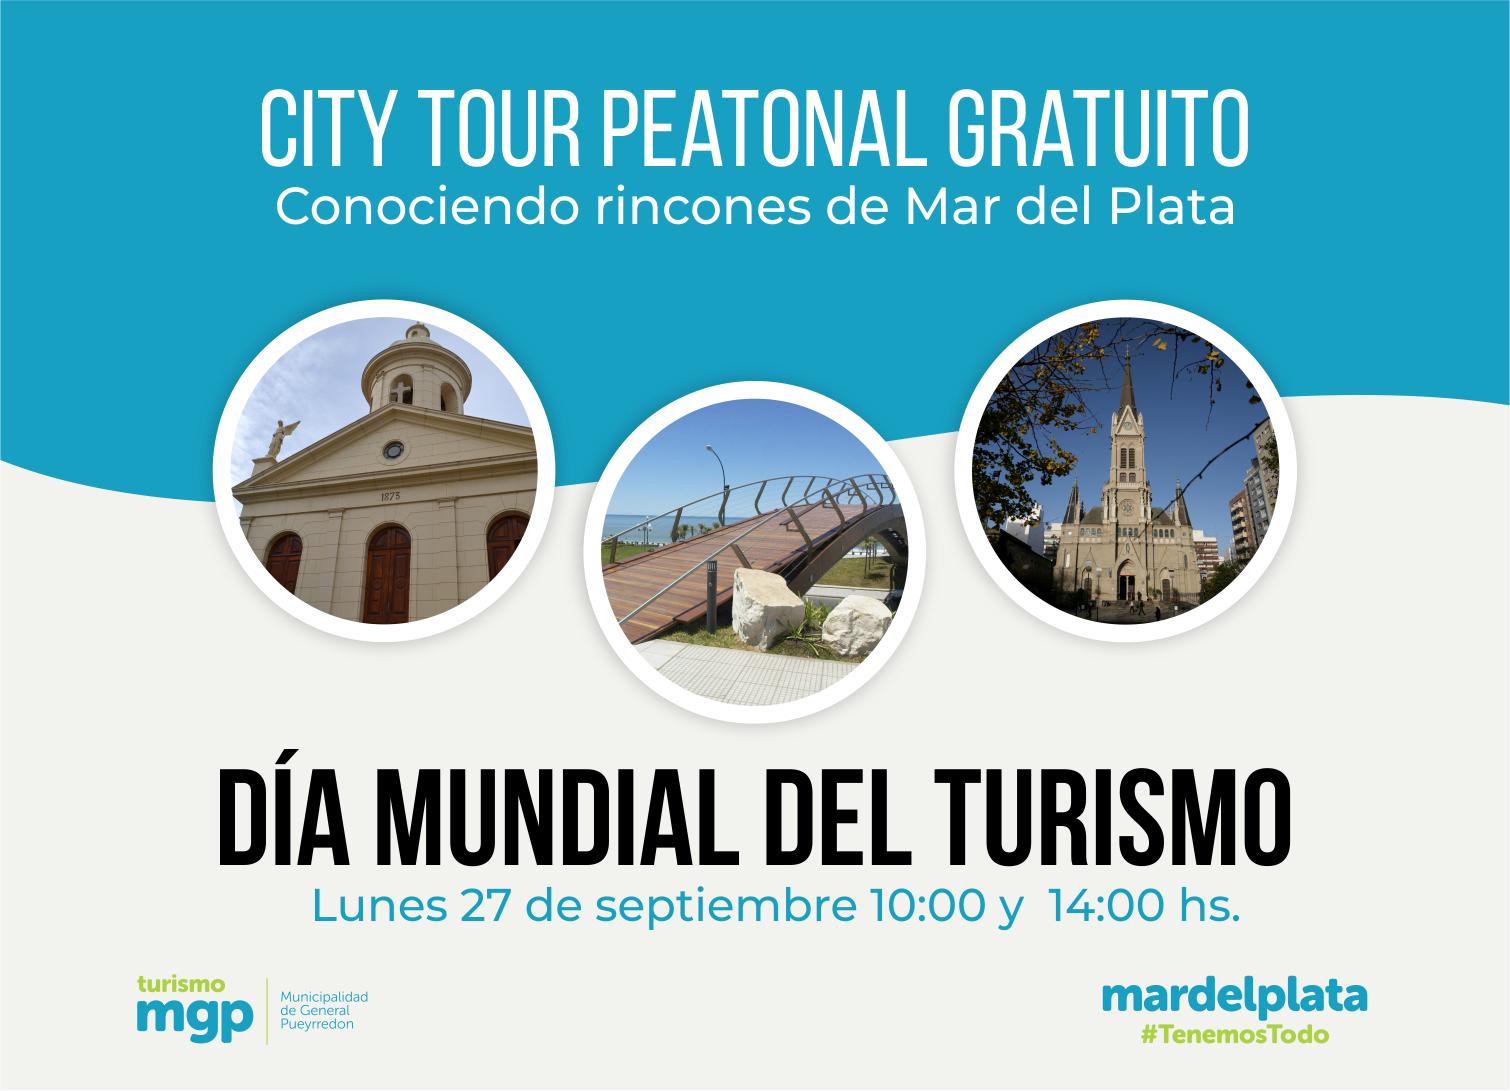 El EMTur celebra el Día Mundial del Turismo con un city tour peatonal gratuito